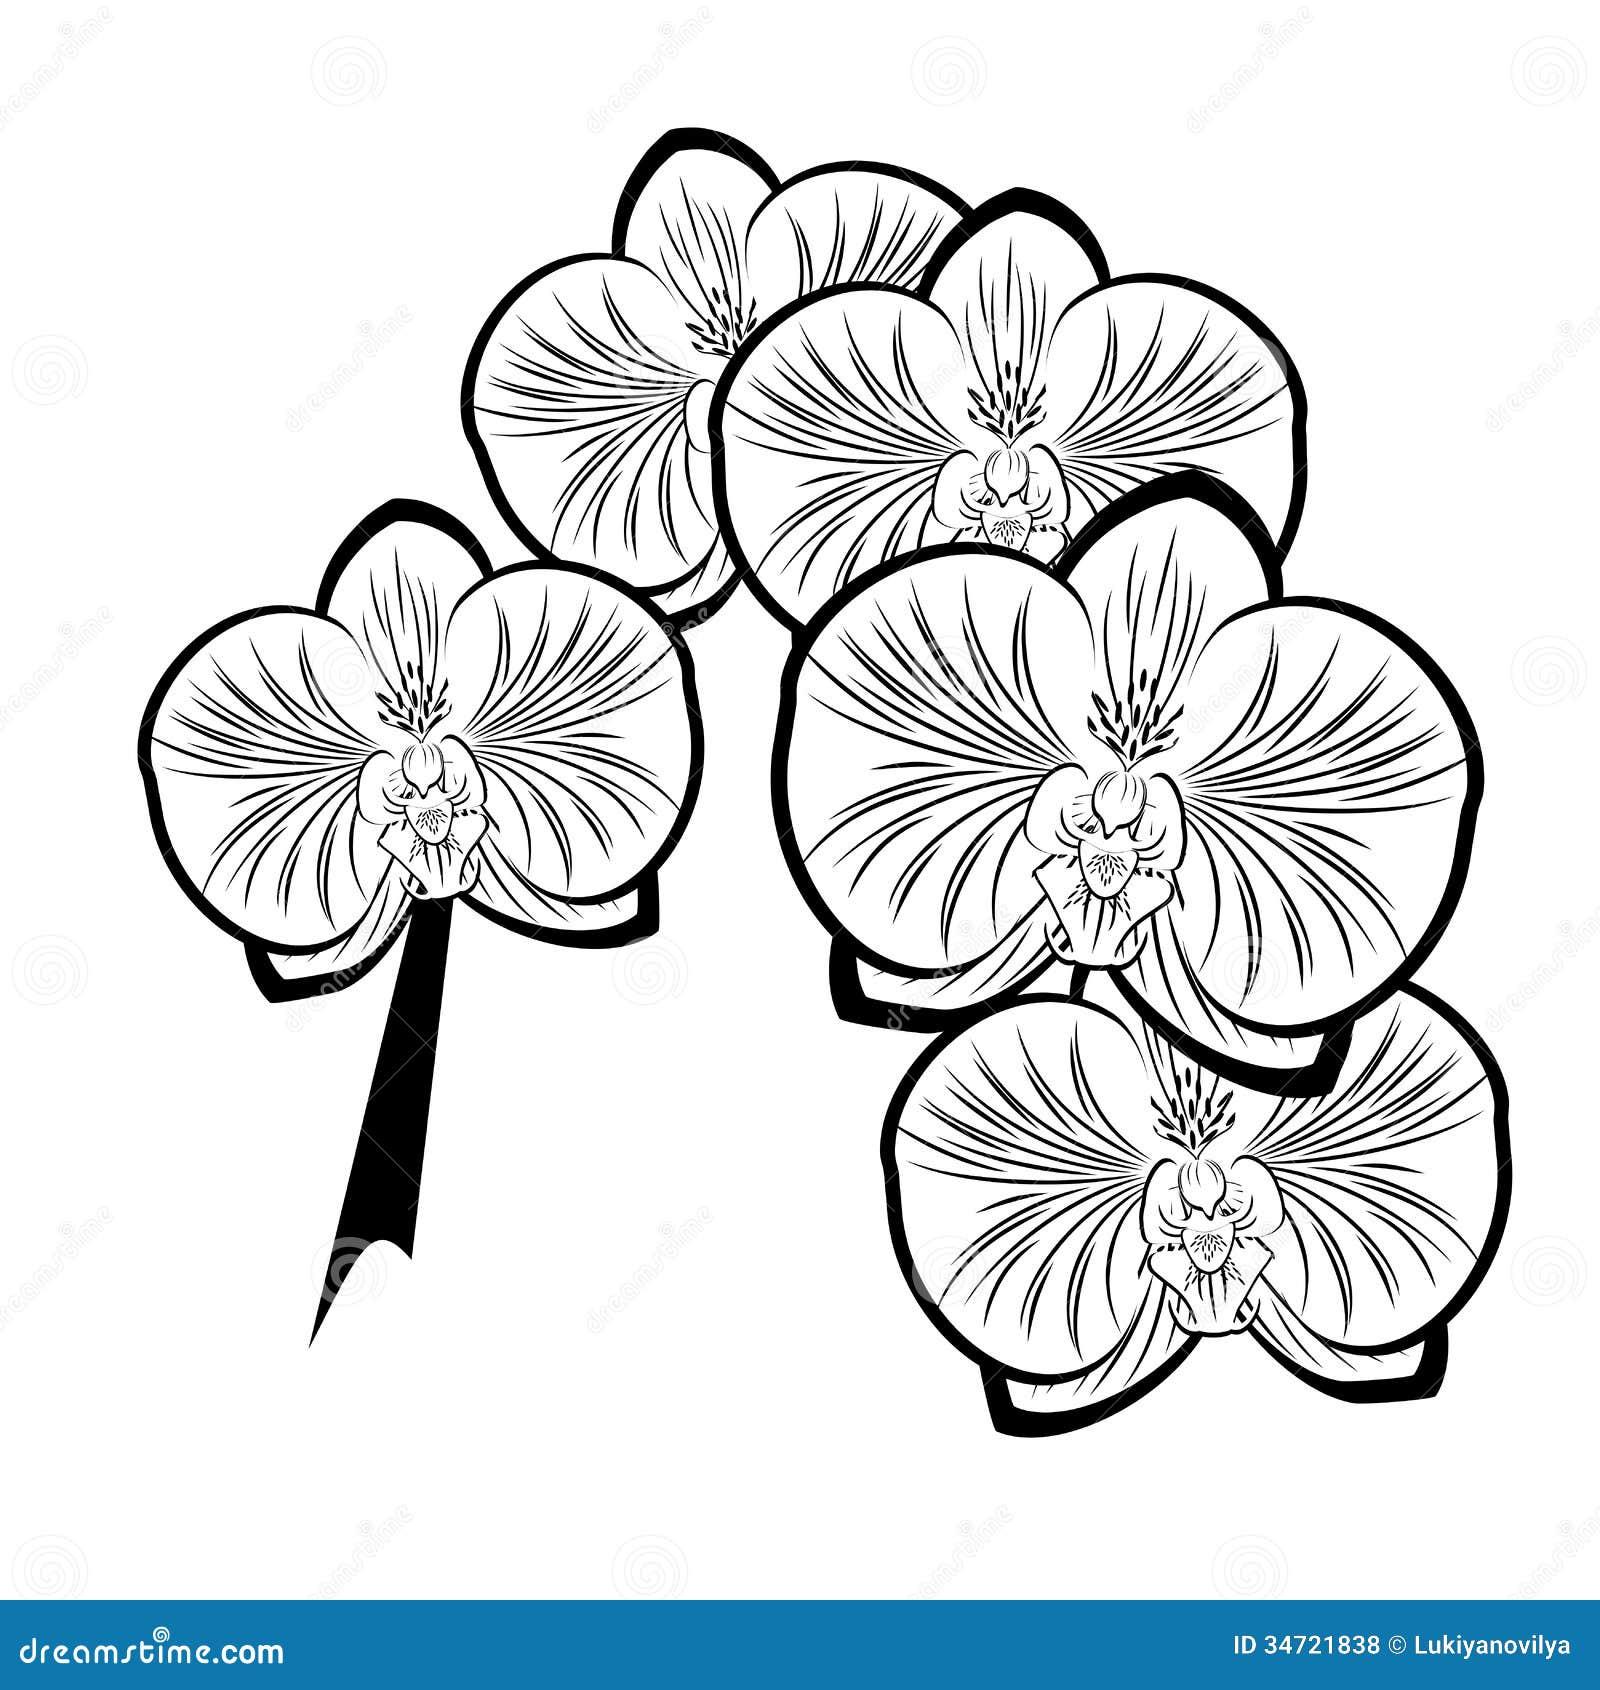 http://thumbs.dreamstime.com/z/dibujo-blanco-y-negro-de-las-flores-de-la-orqu%C3%ADdea-34721838.jpg